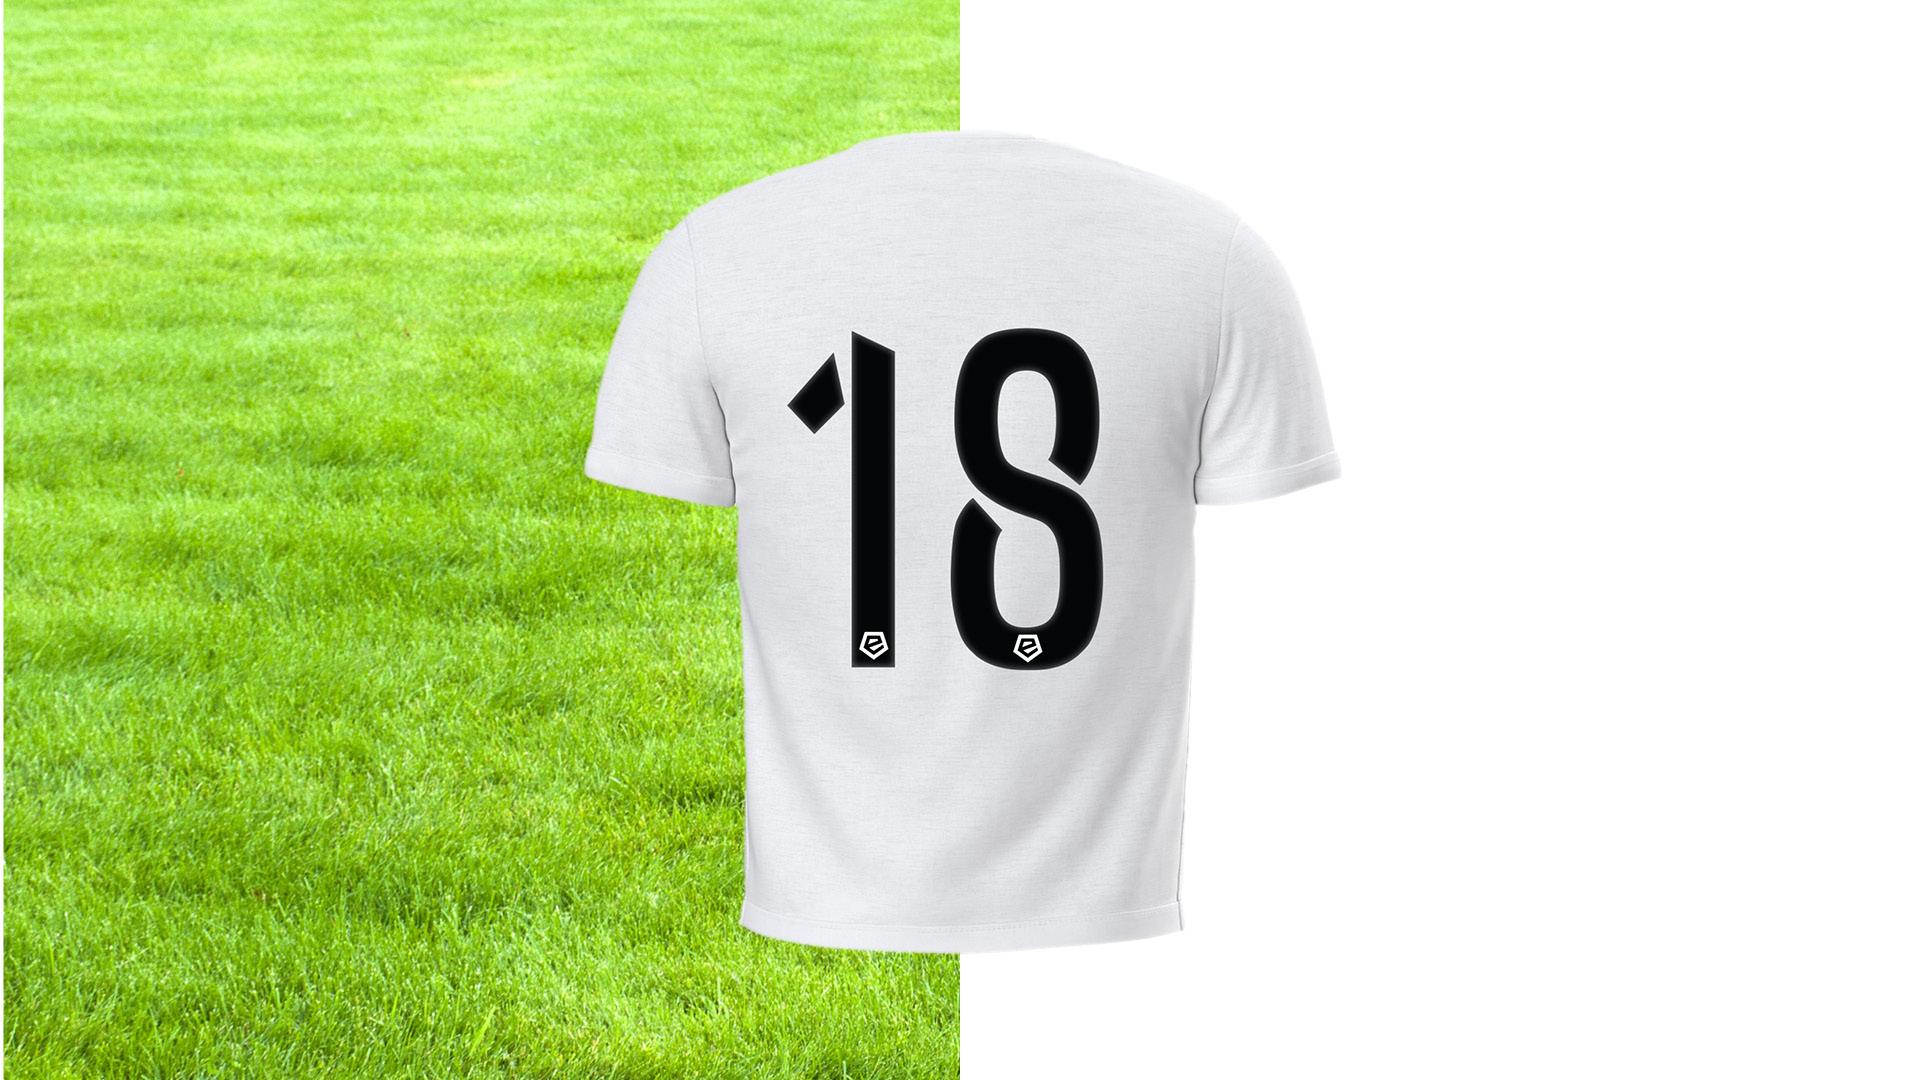 New font for Ekstraklasa